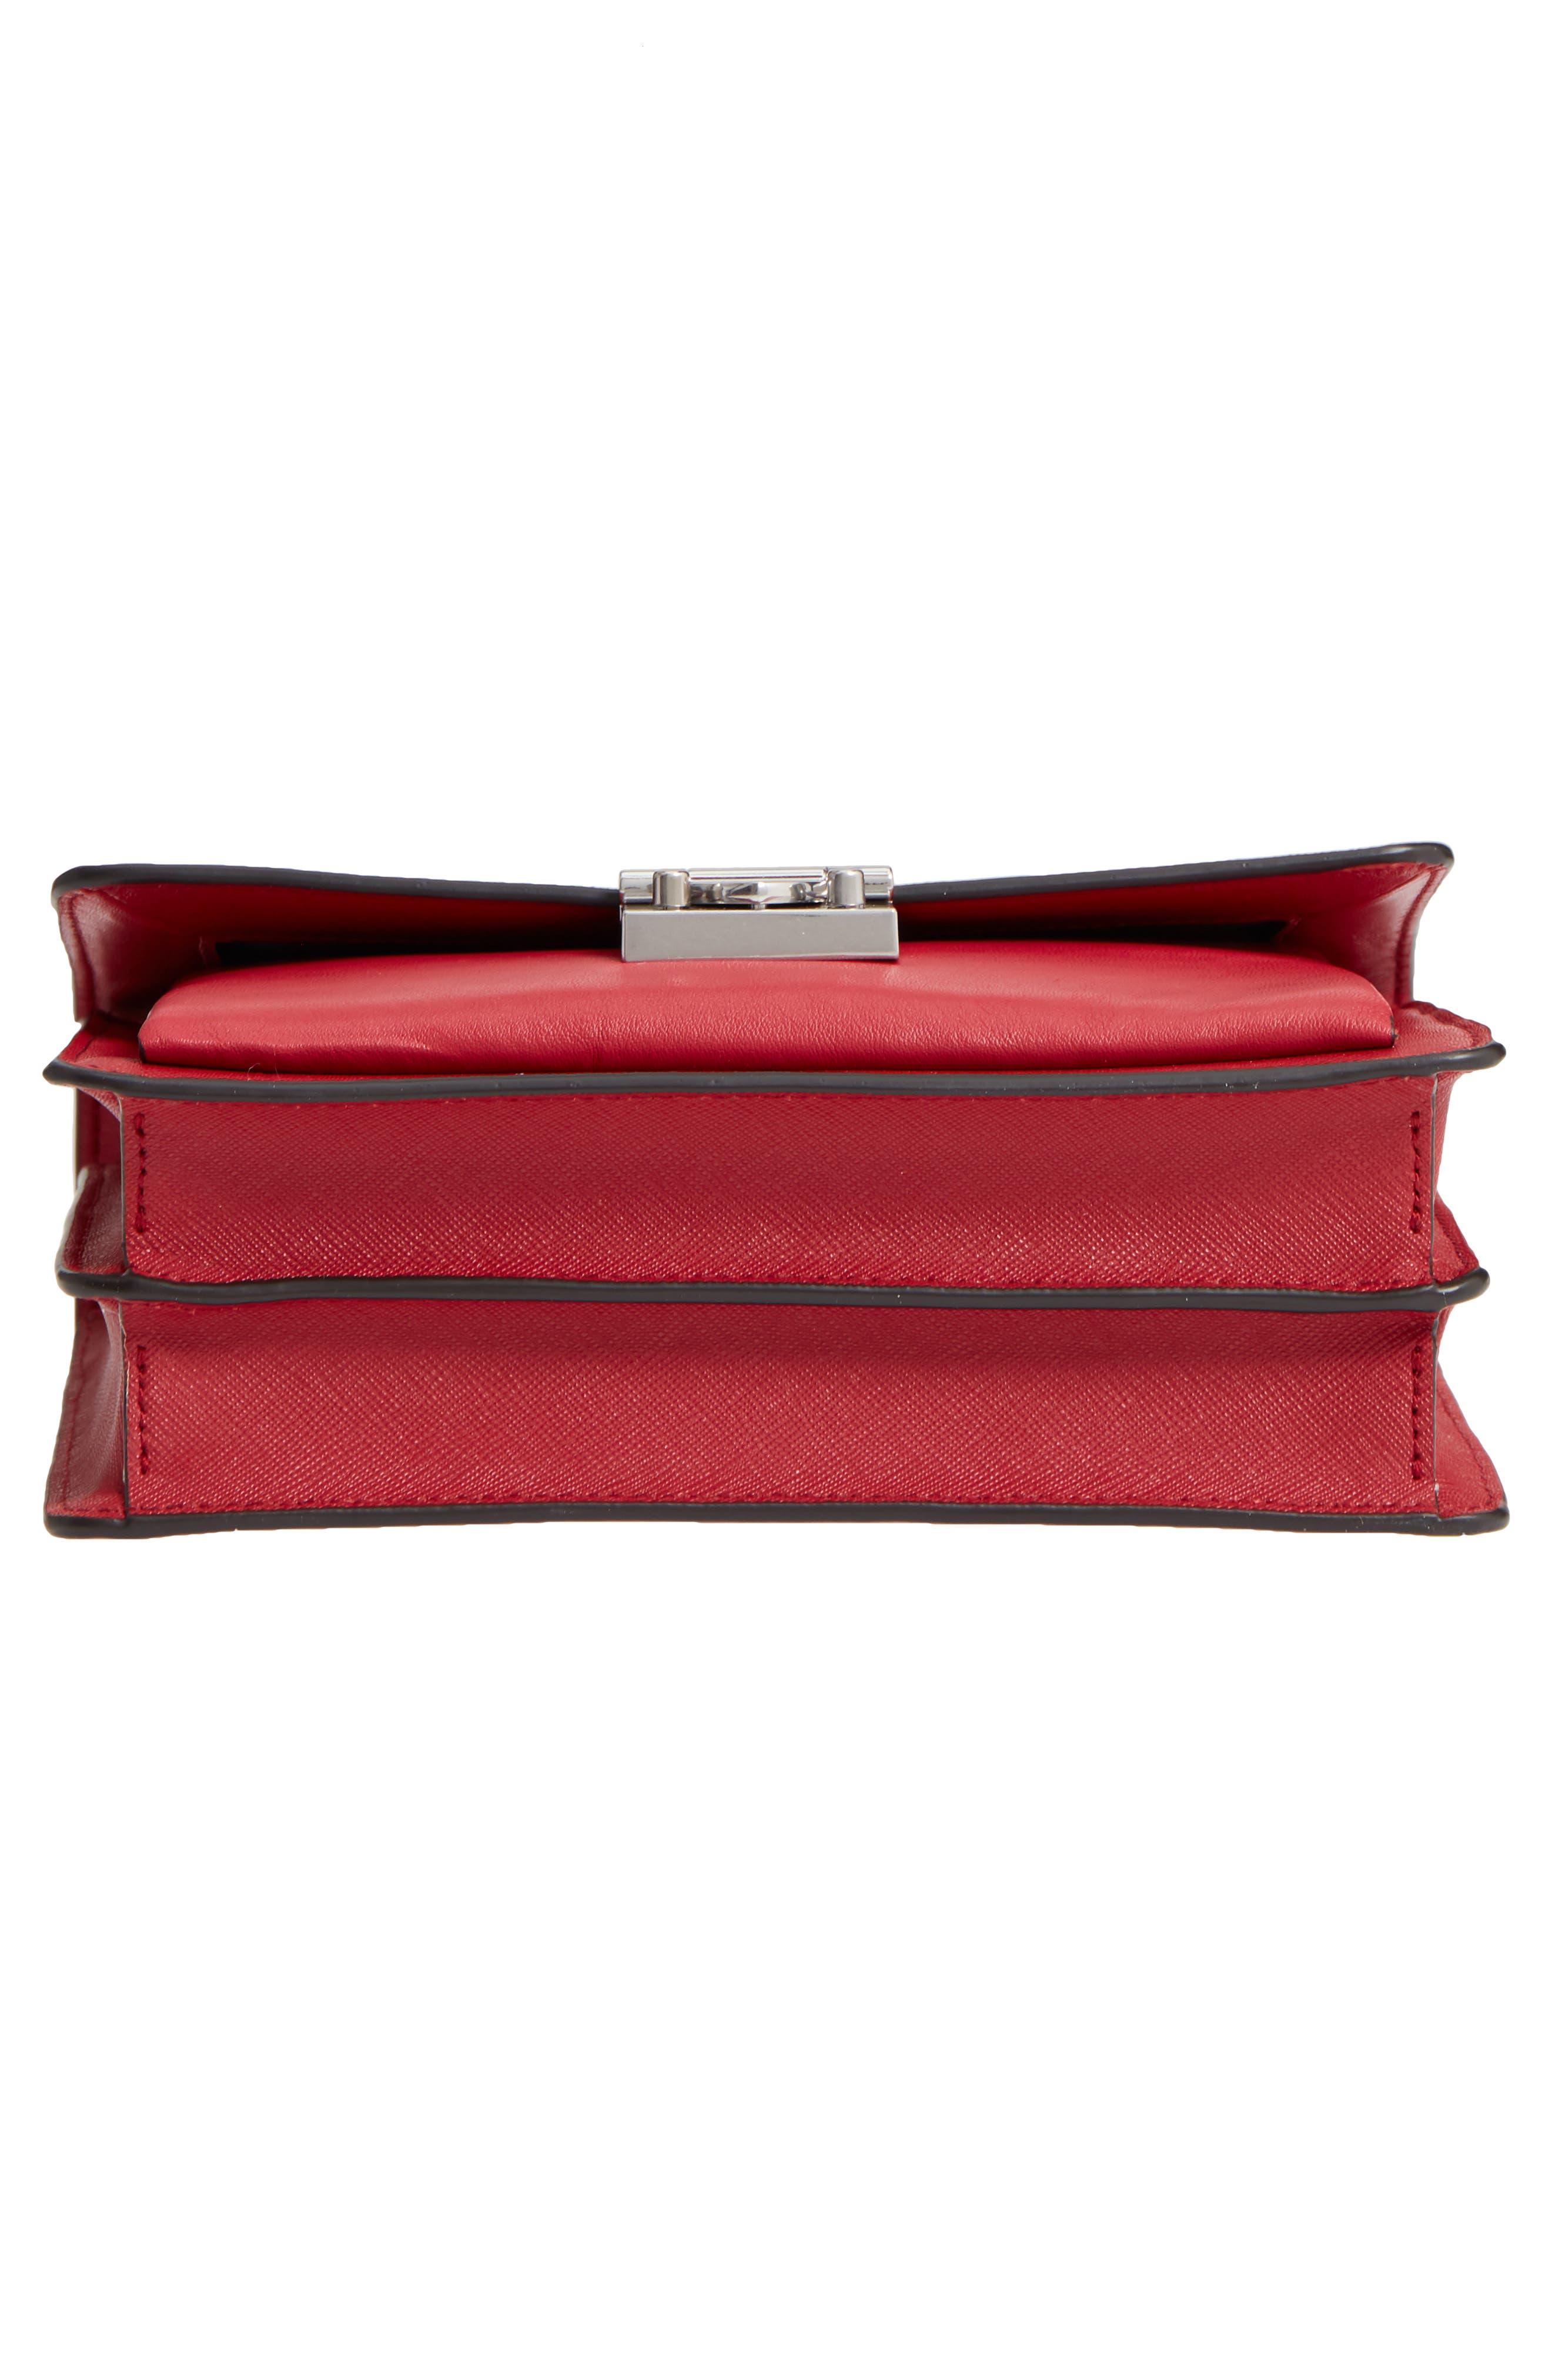 Medium Christy Leather Shoulder Bag,                             Alternate thumbnail 29, color,